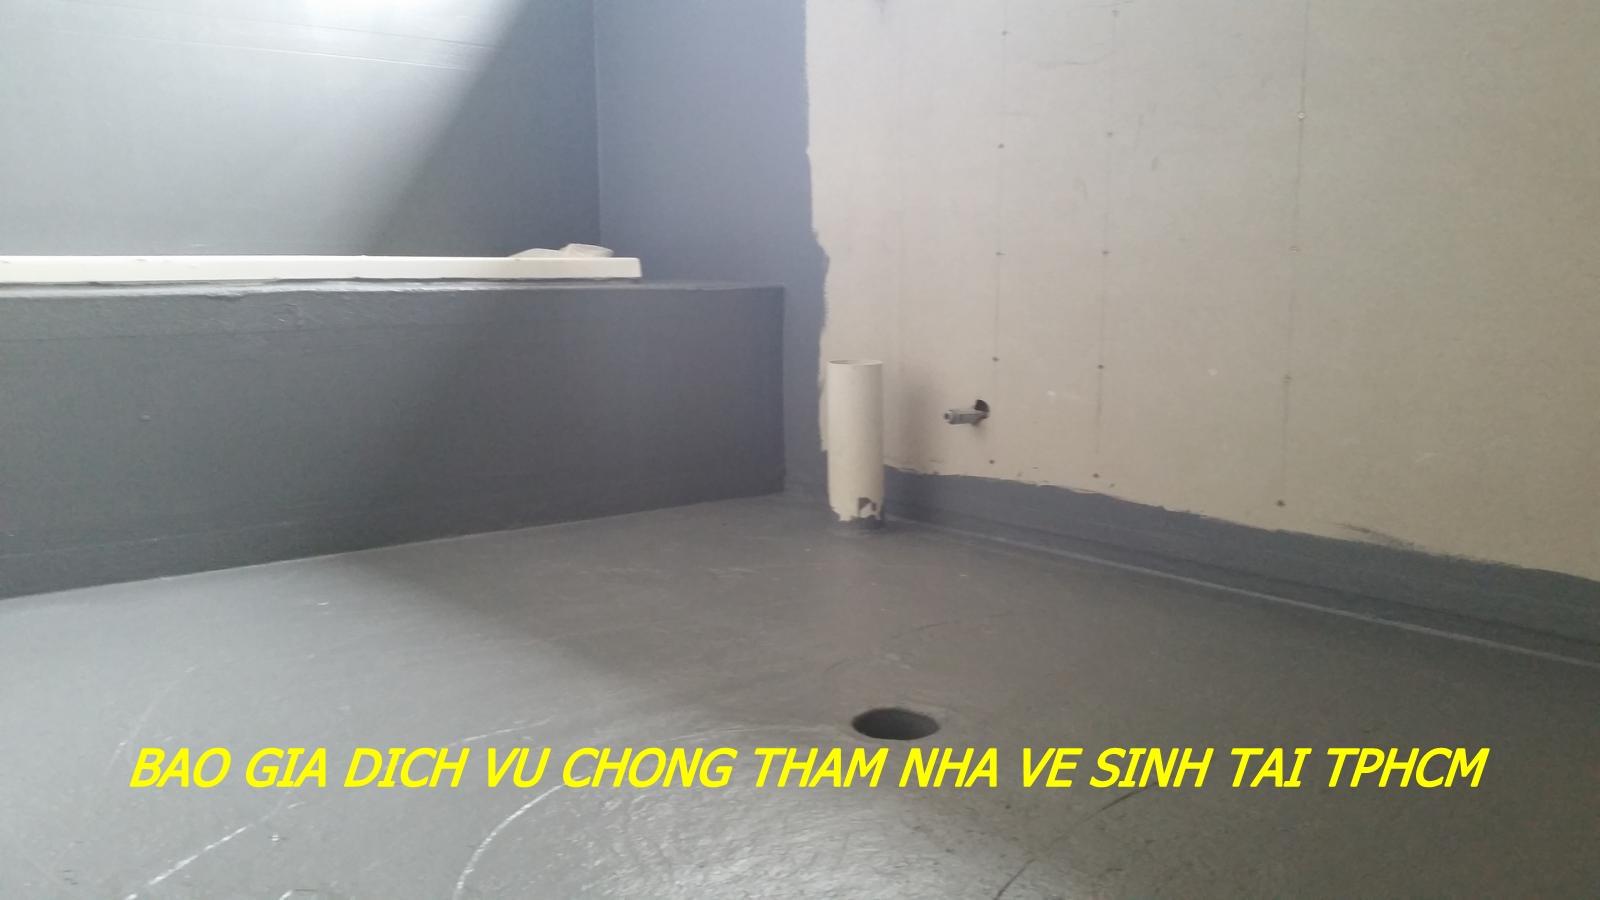 báo giá dịch vụ chống thấm nhà vệ sinh tại tphcm